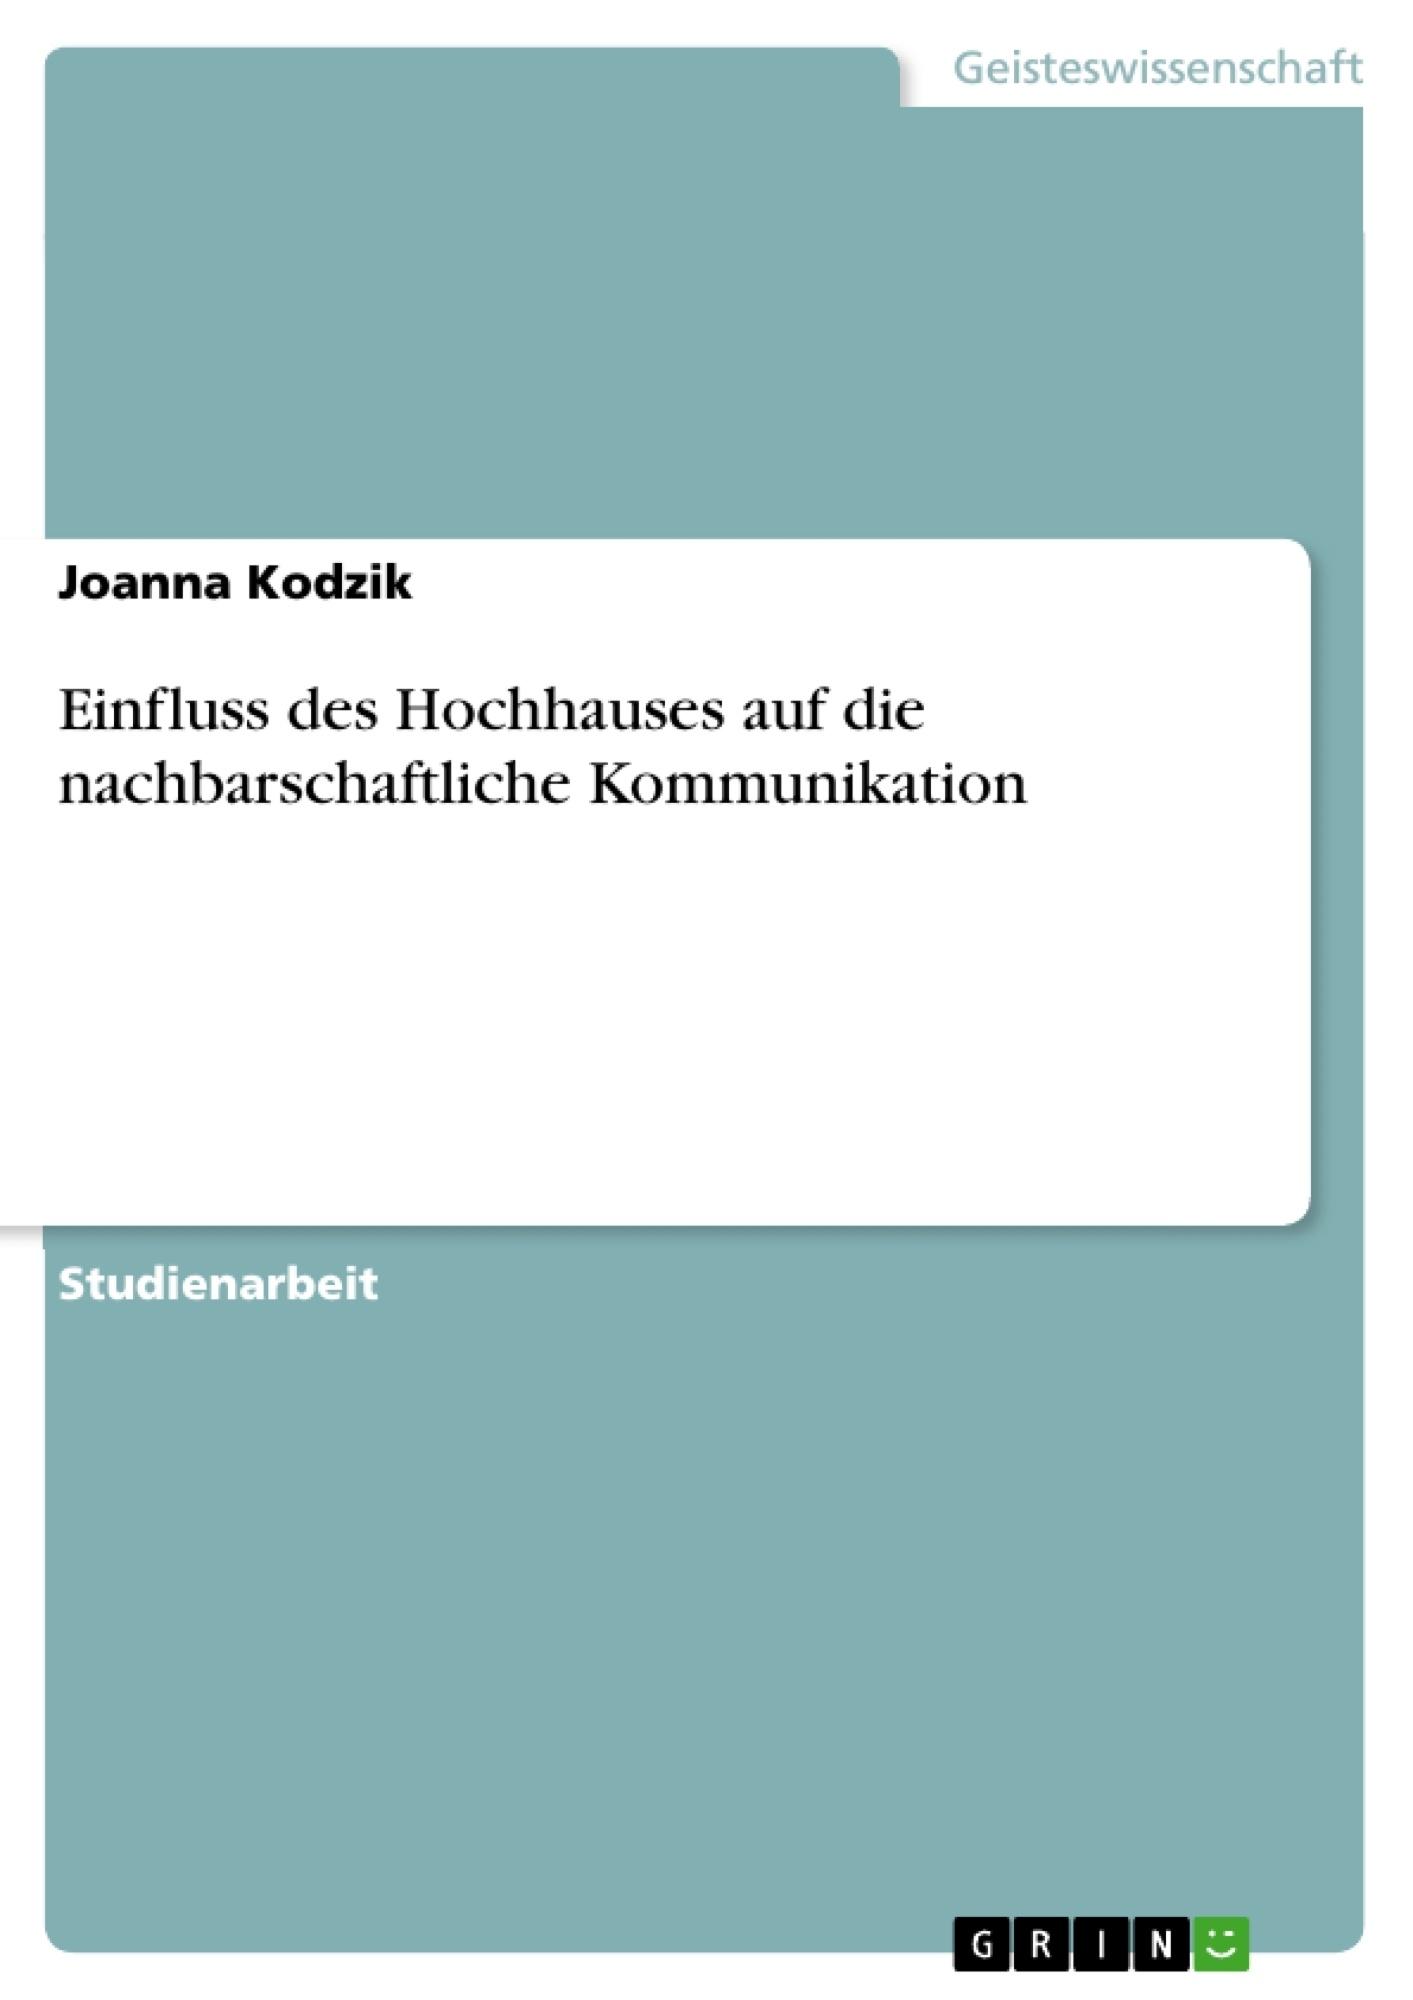 Titel: Einfluss des Hochhauses auf die nachbarschaftliche Kommunikation